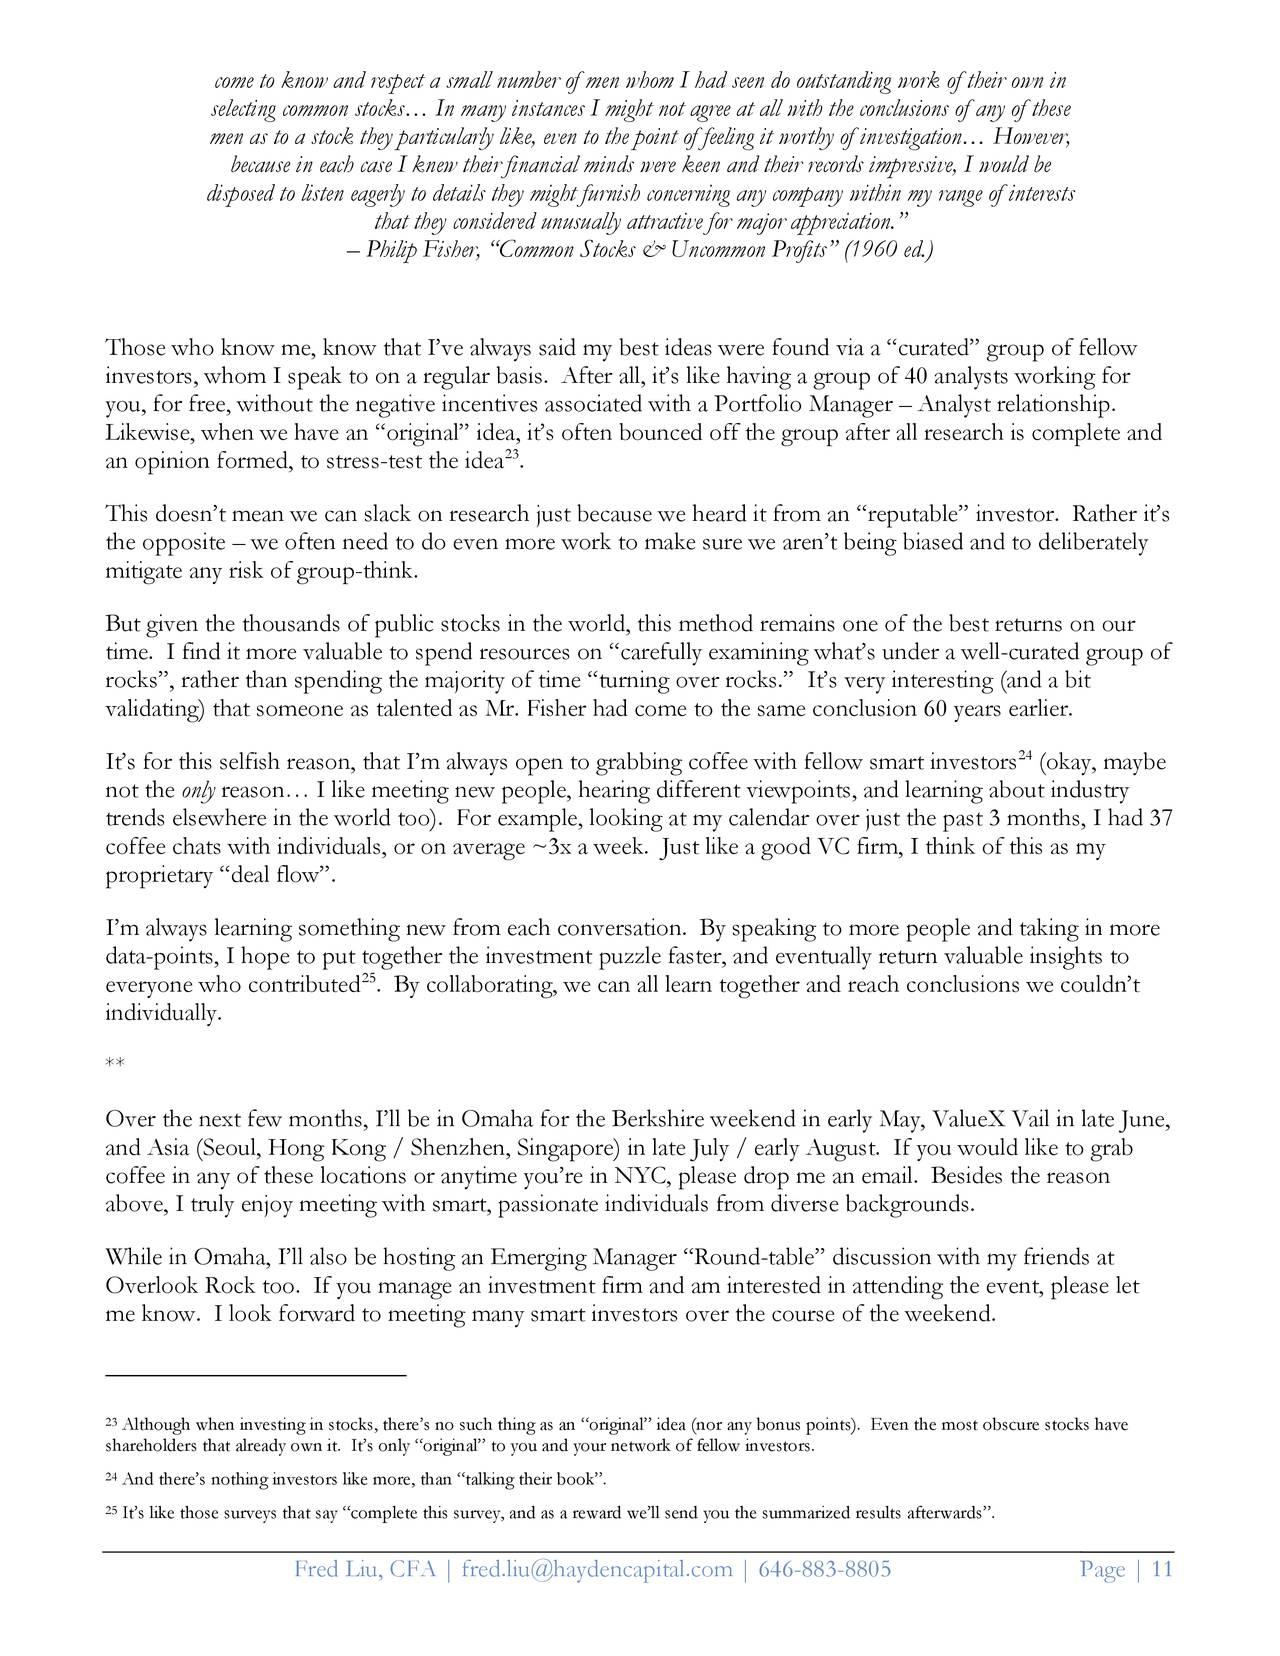 Hayden Capital Quarterly Letter Q1 2018 - JD.com (NASDAQ ...